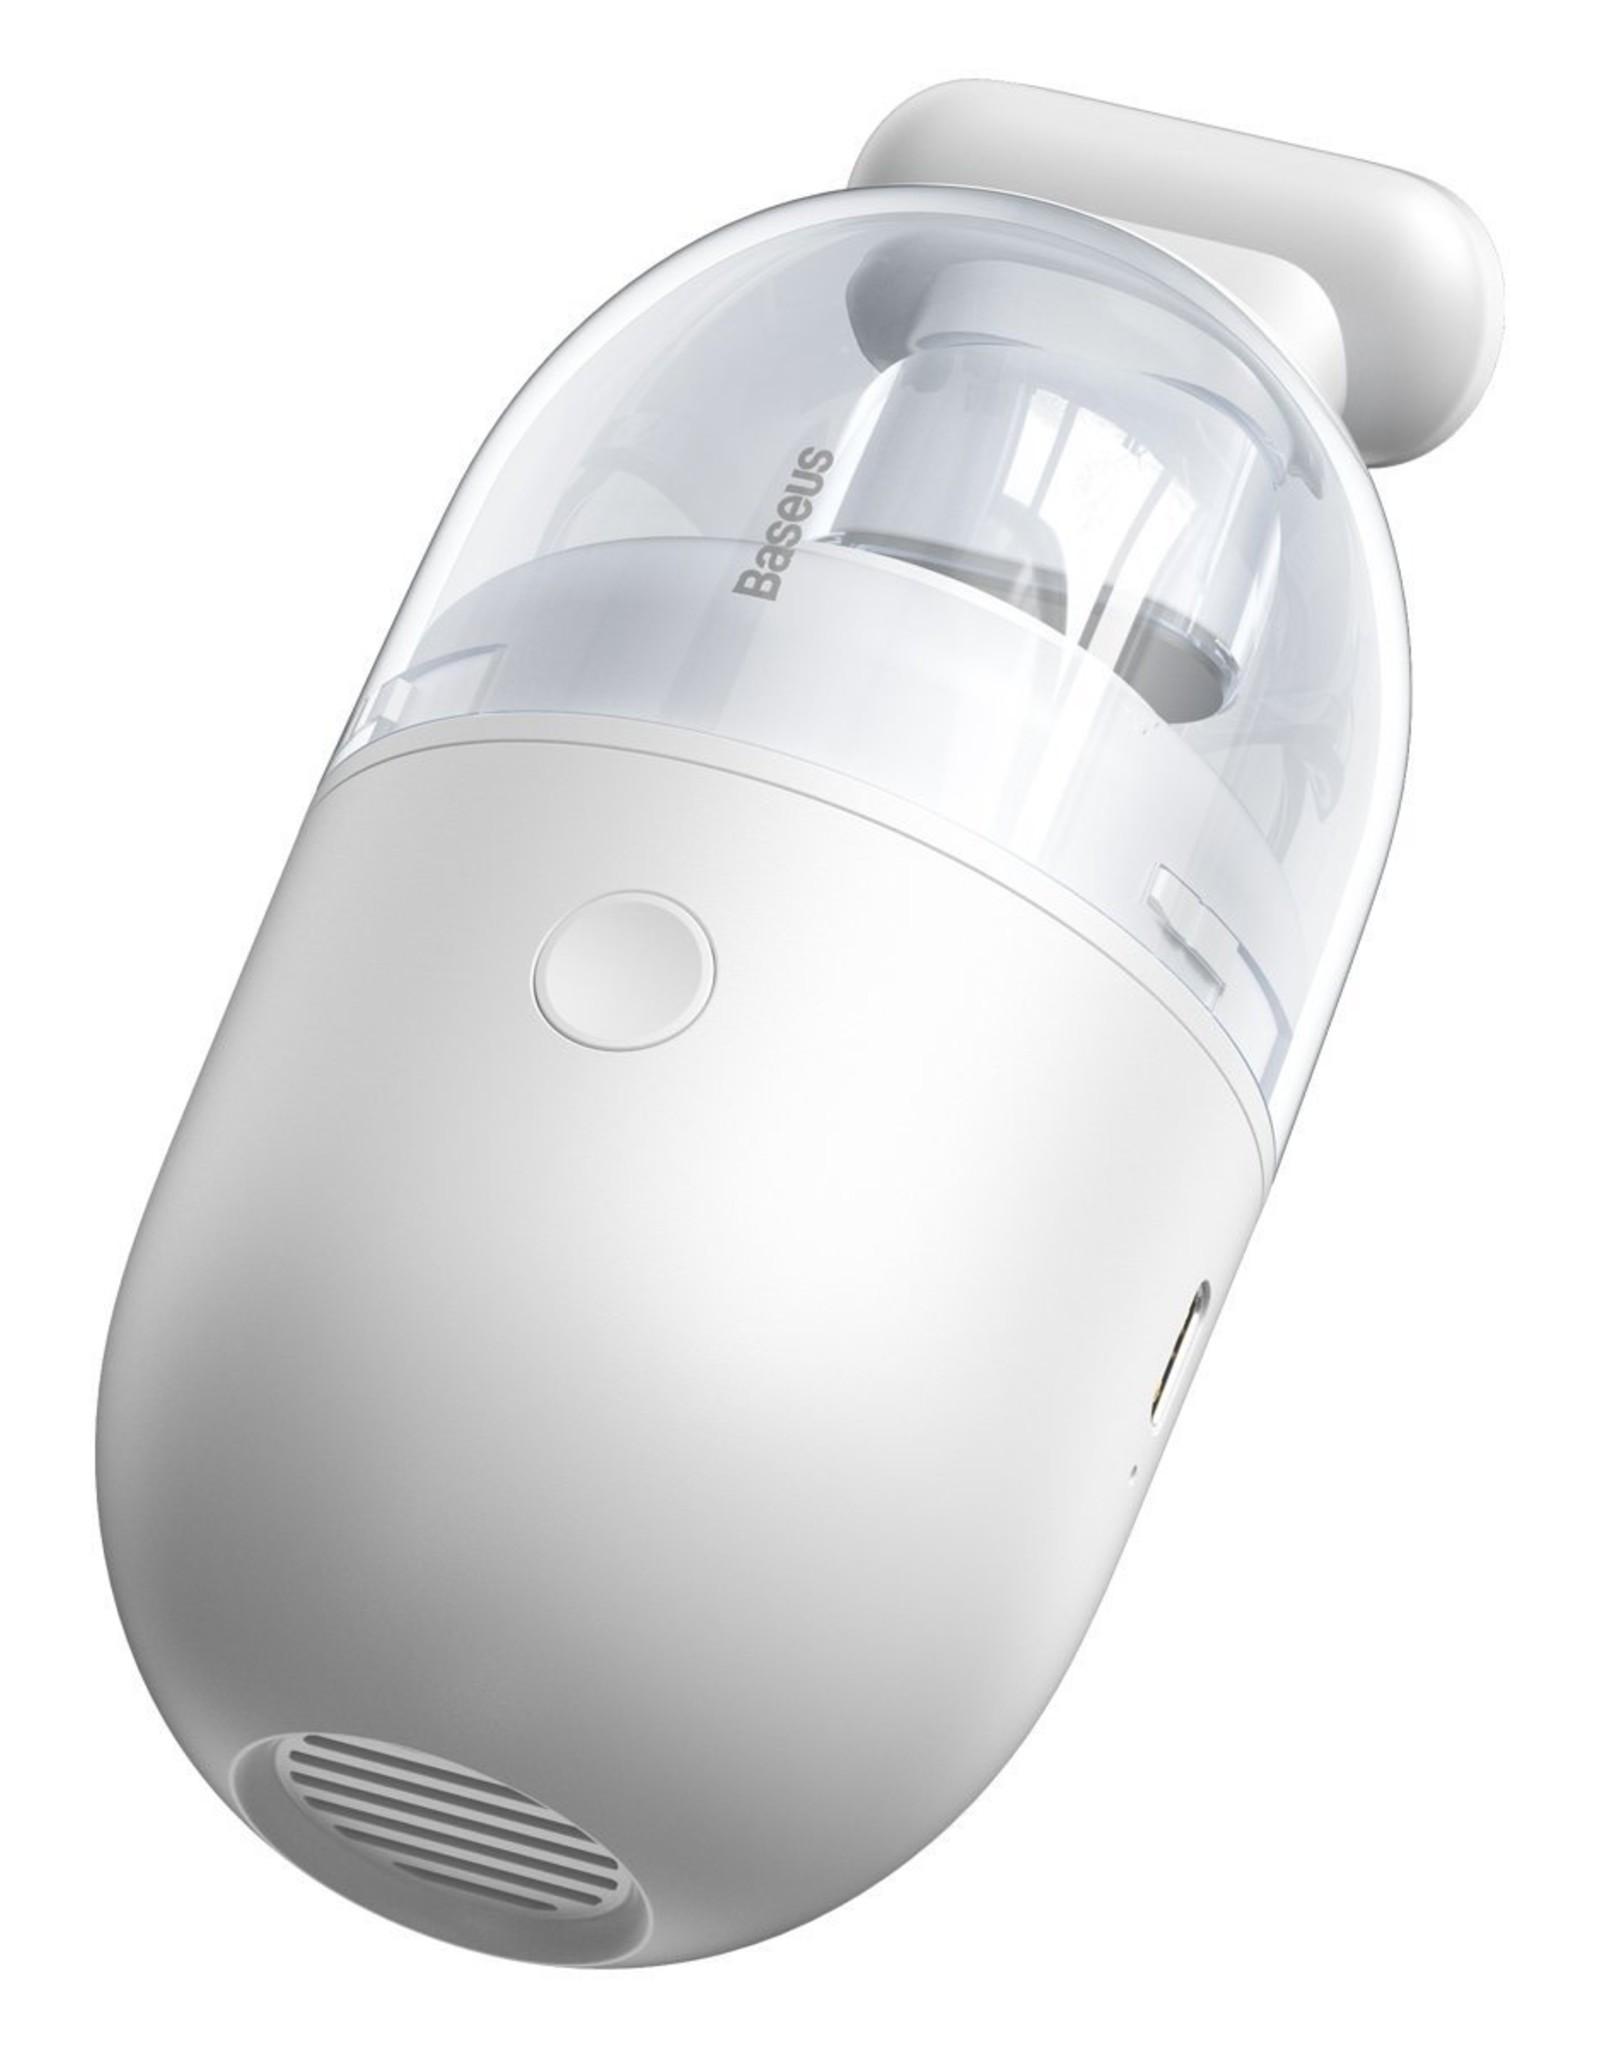 Baseus C2 Desktop Capsule Vacuum Cleaner White